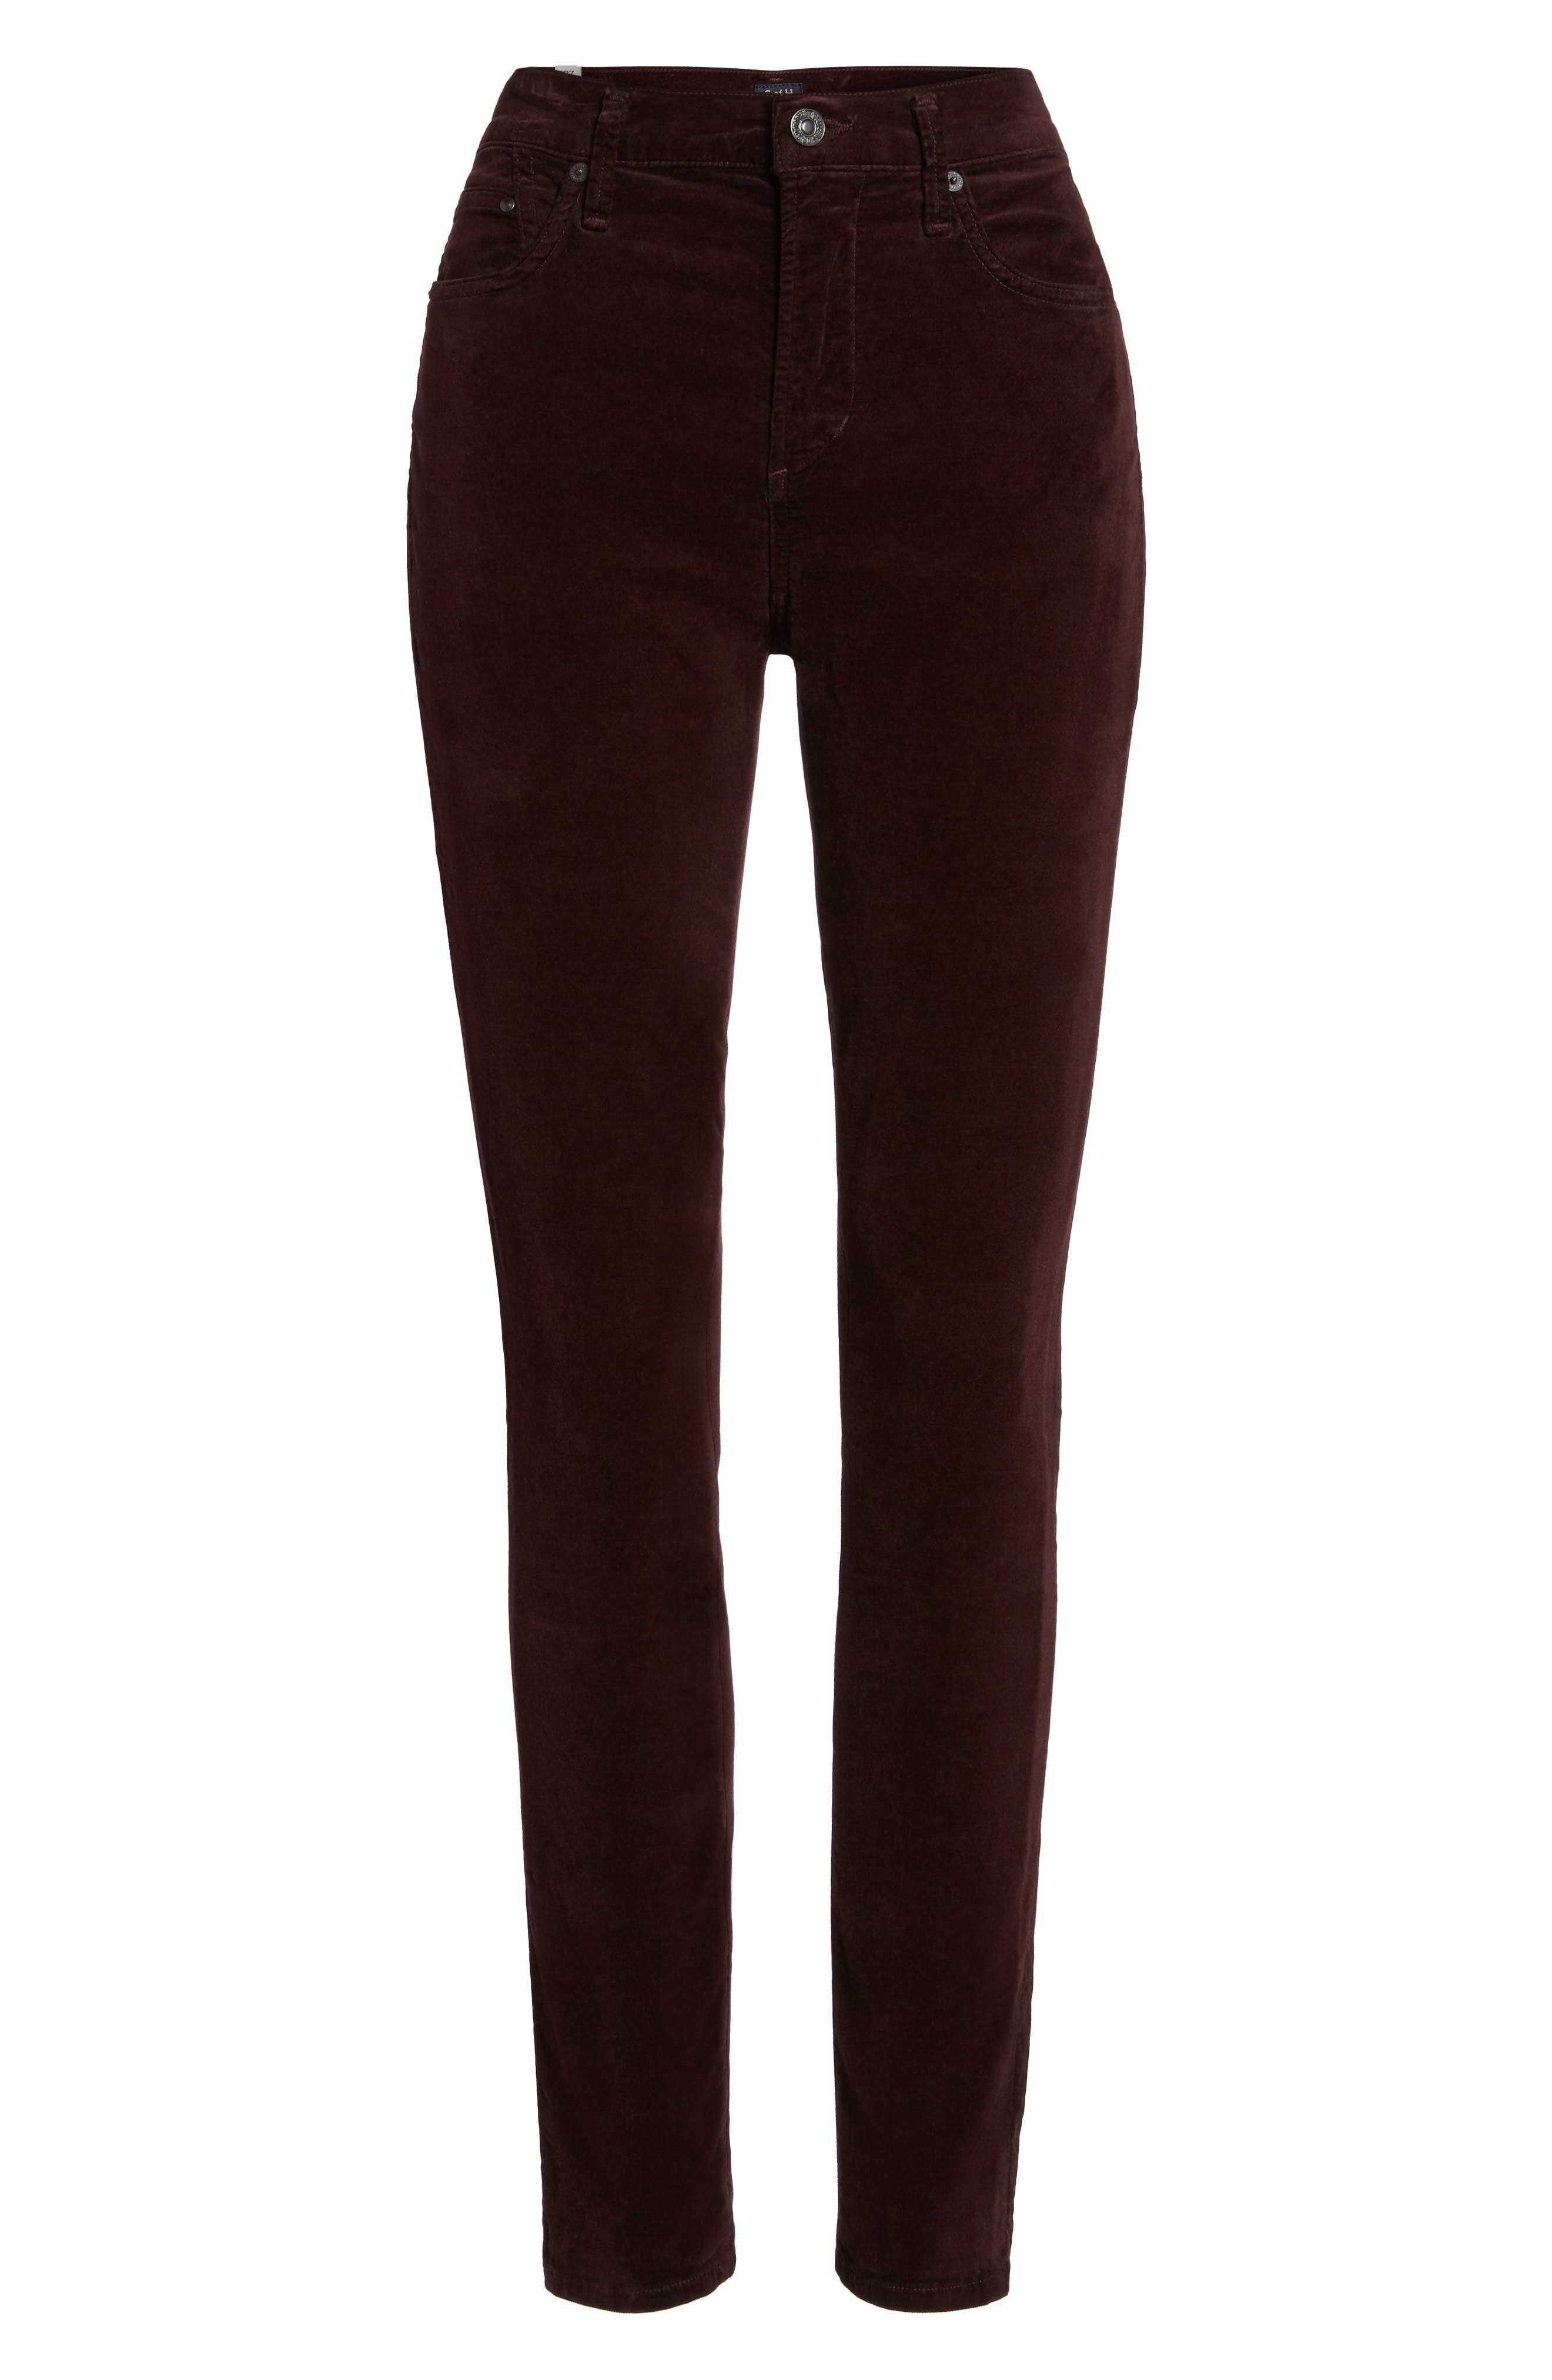 Rocket High Waist Velveteen Skinny Pants,                             Alternate thumbnail 6, color,                             Black Currant Velvet